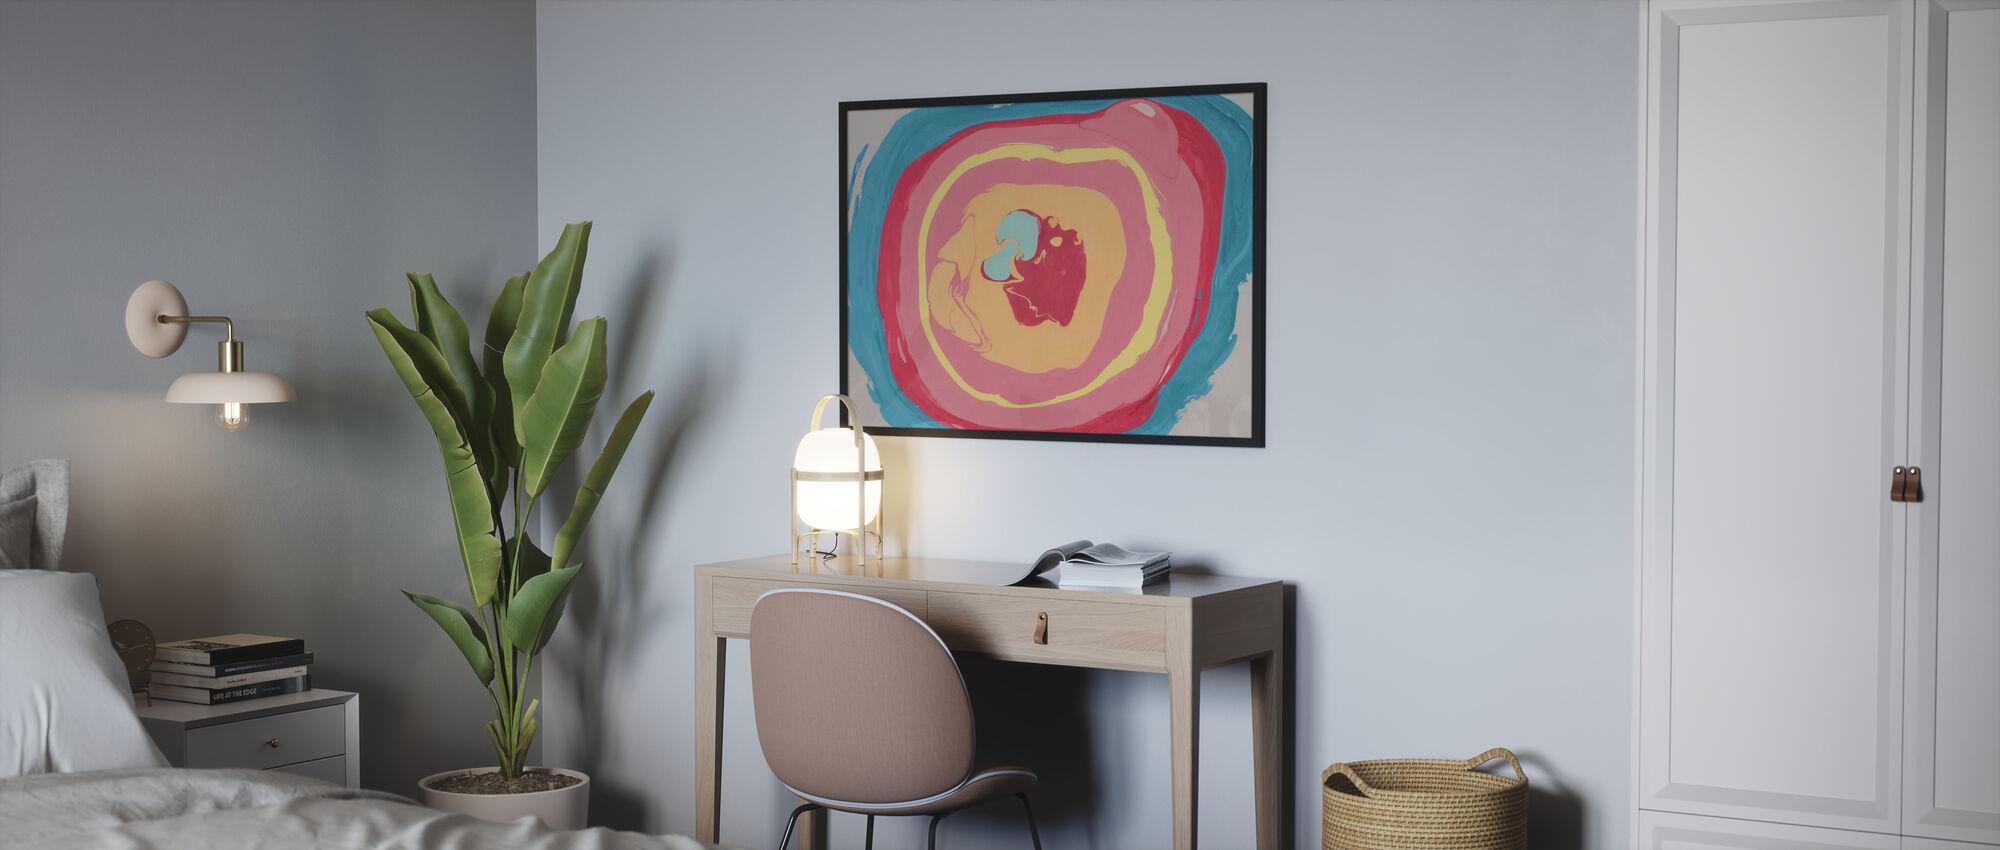 Abstrakcyjna farba marmurowa - Obraz w ramie - Sypialnia